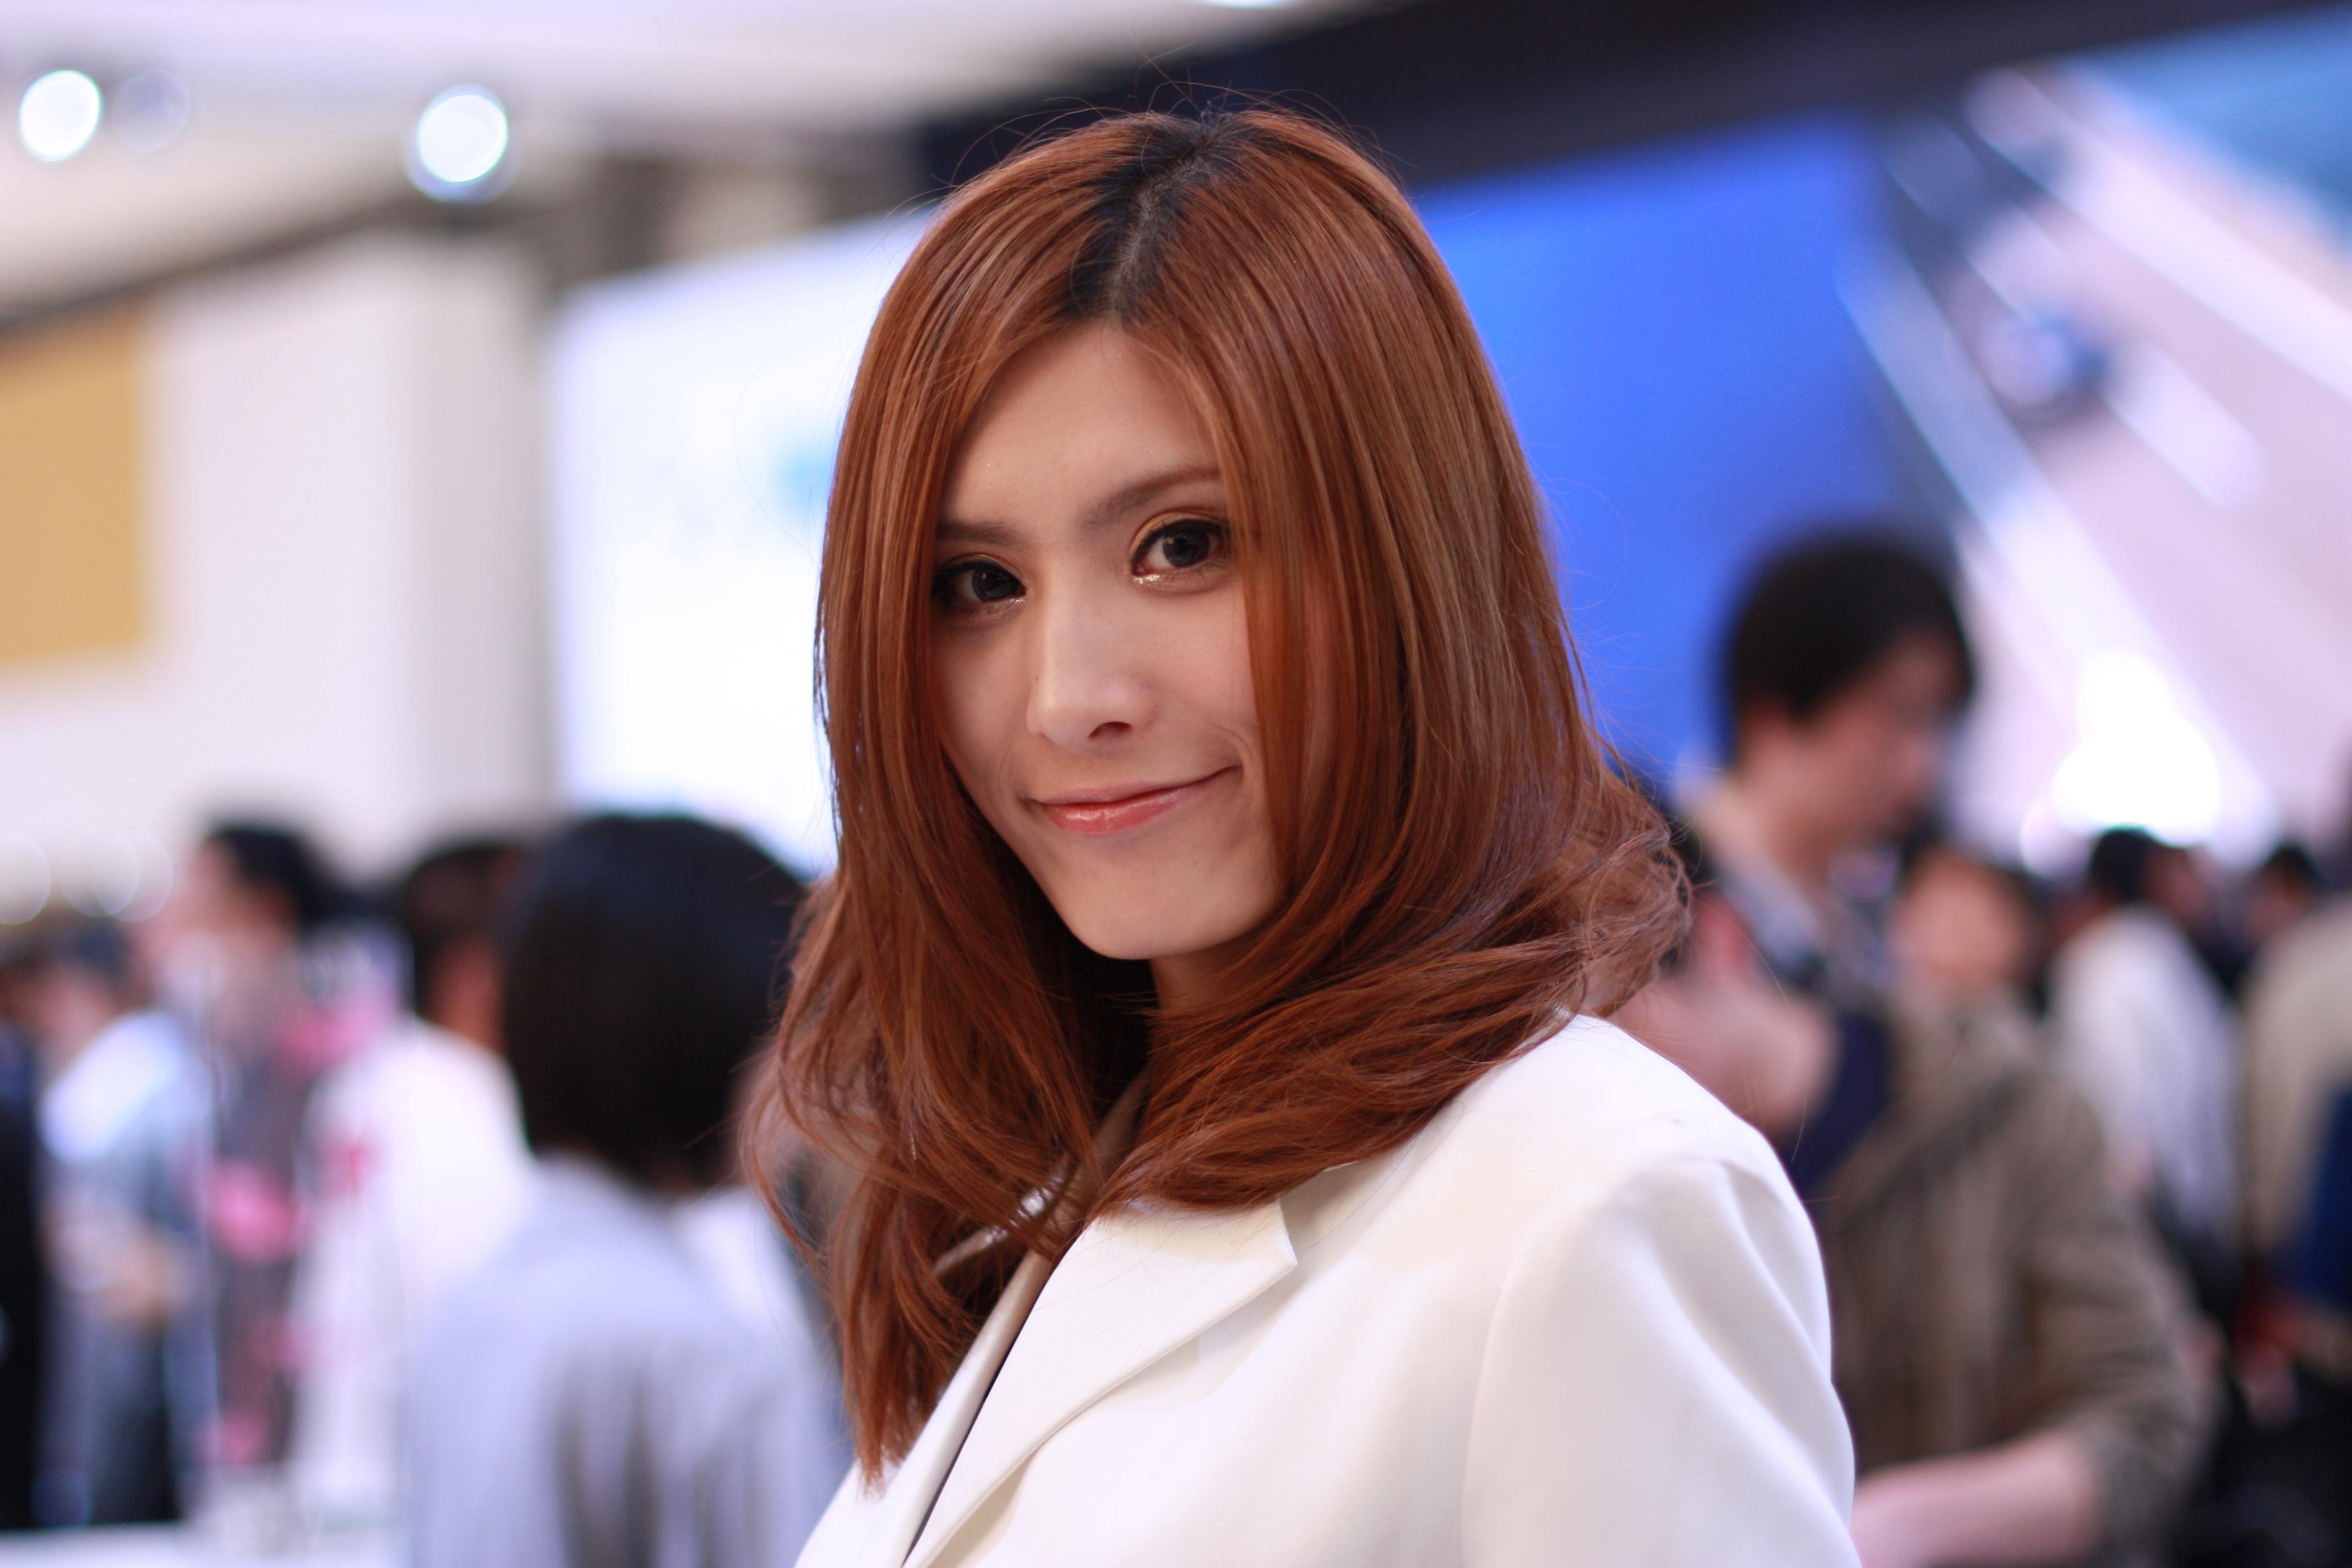 上海女人视频下载_2009年上海国际车展之模特篇(好多美女帅哥照片,快来选出你心目中的